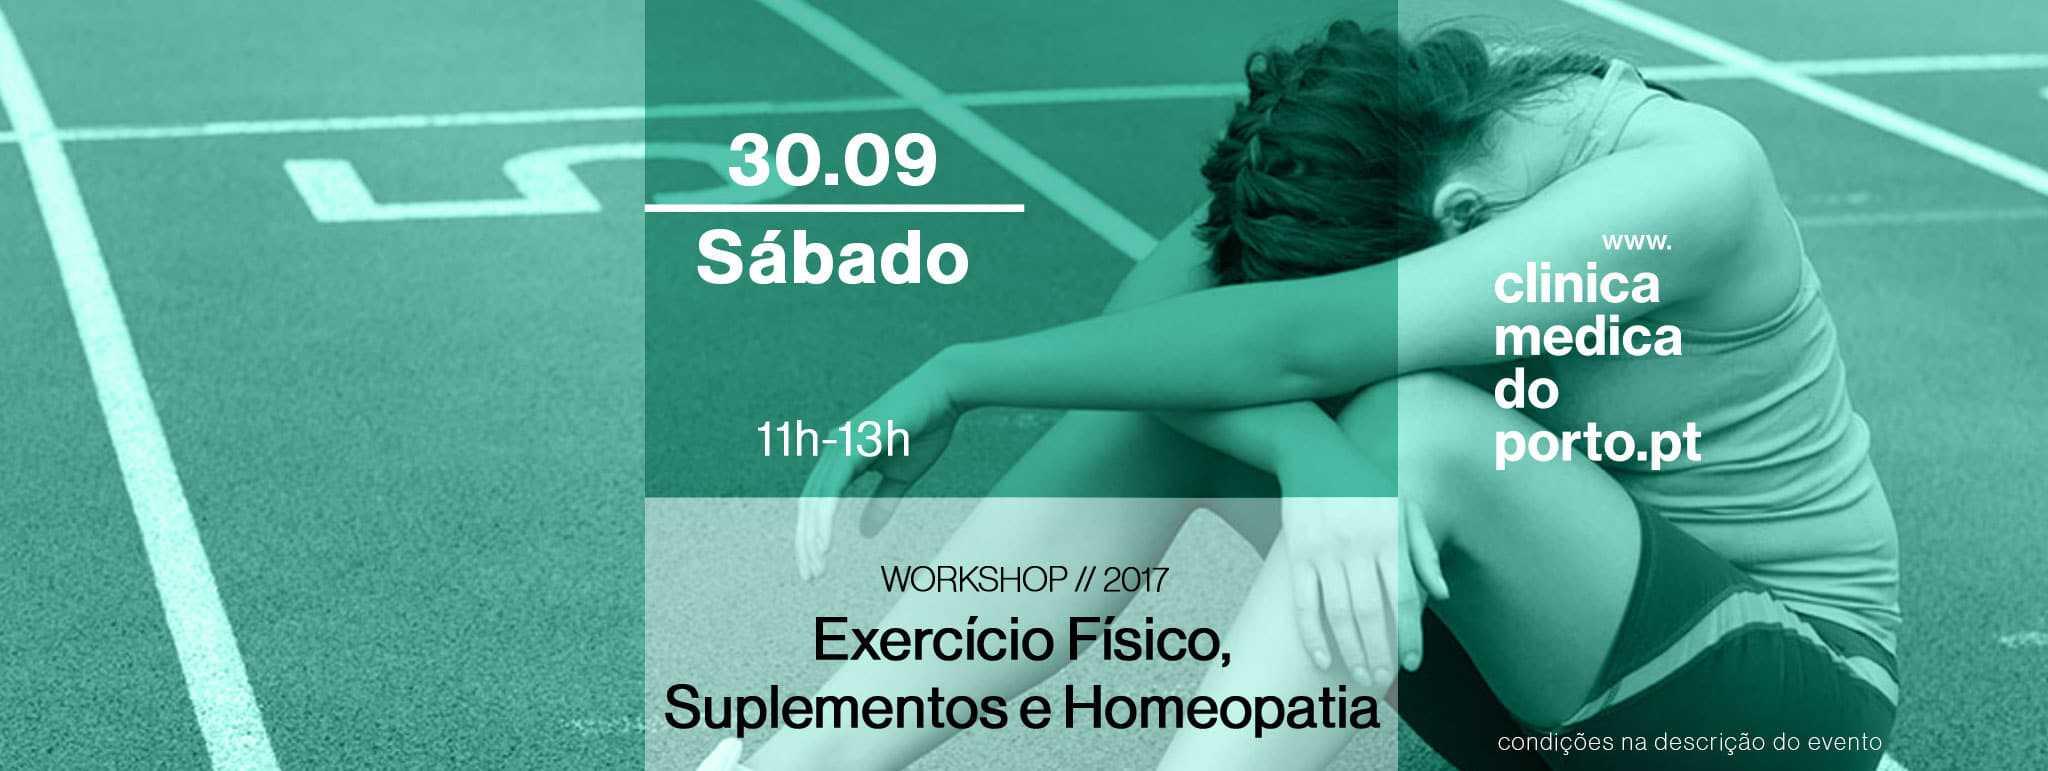 Exercício Físico Suplementos e Homeopatia no Desporto